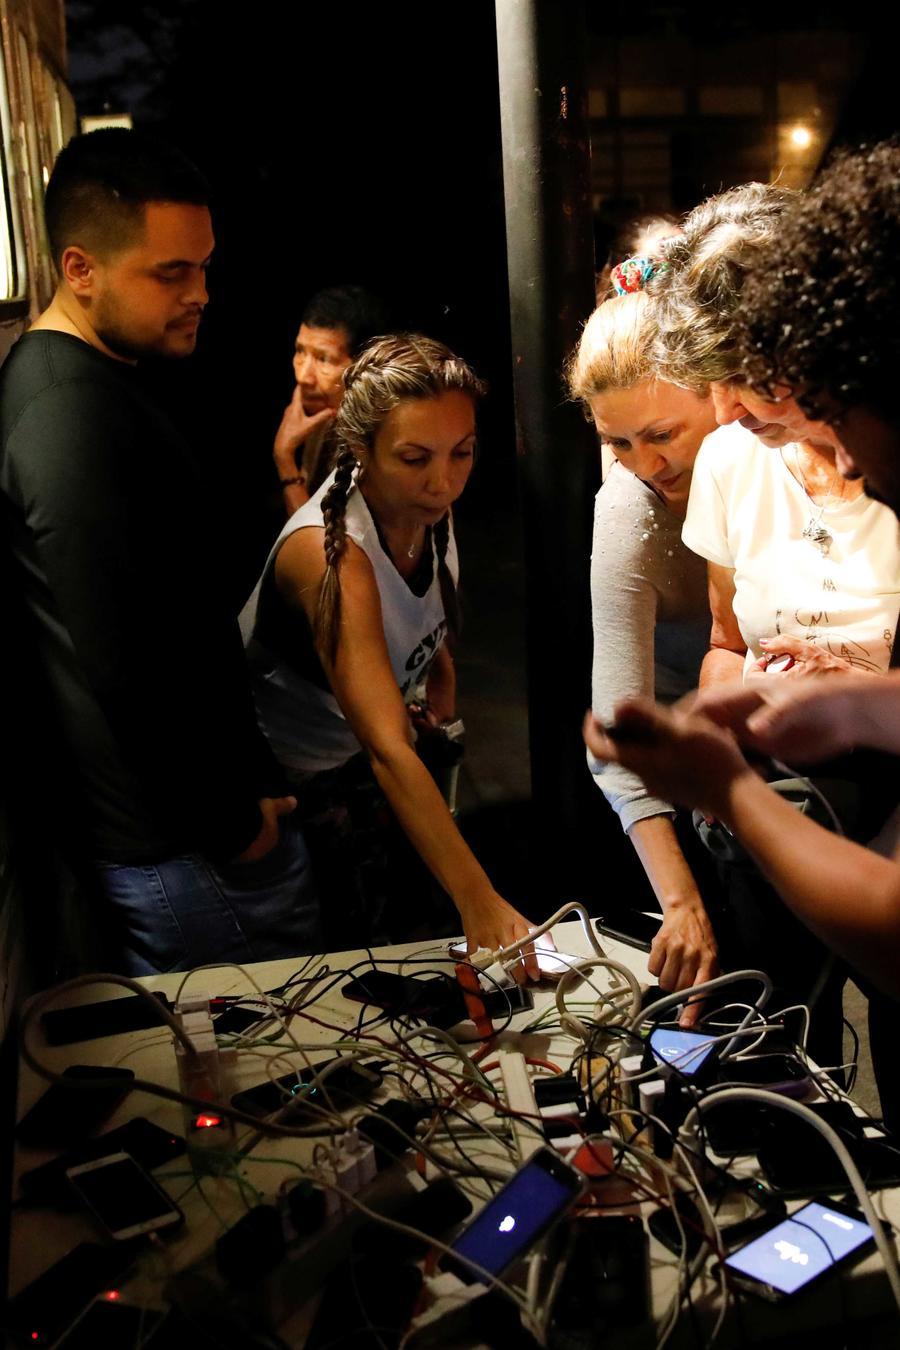 Venezolanos en Caracas se reúnen en una plaza pública a cargar sus celulares con un generador el 26 de marzo de 2019